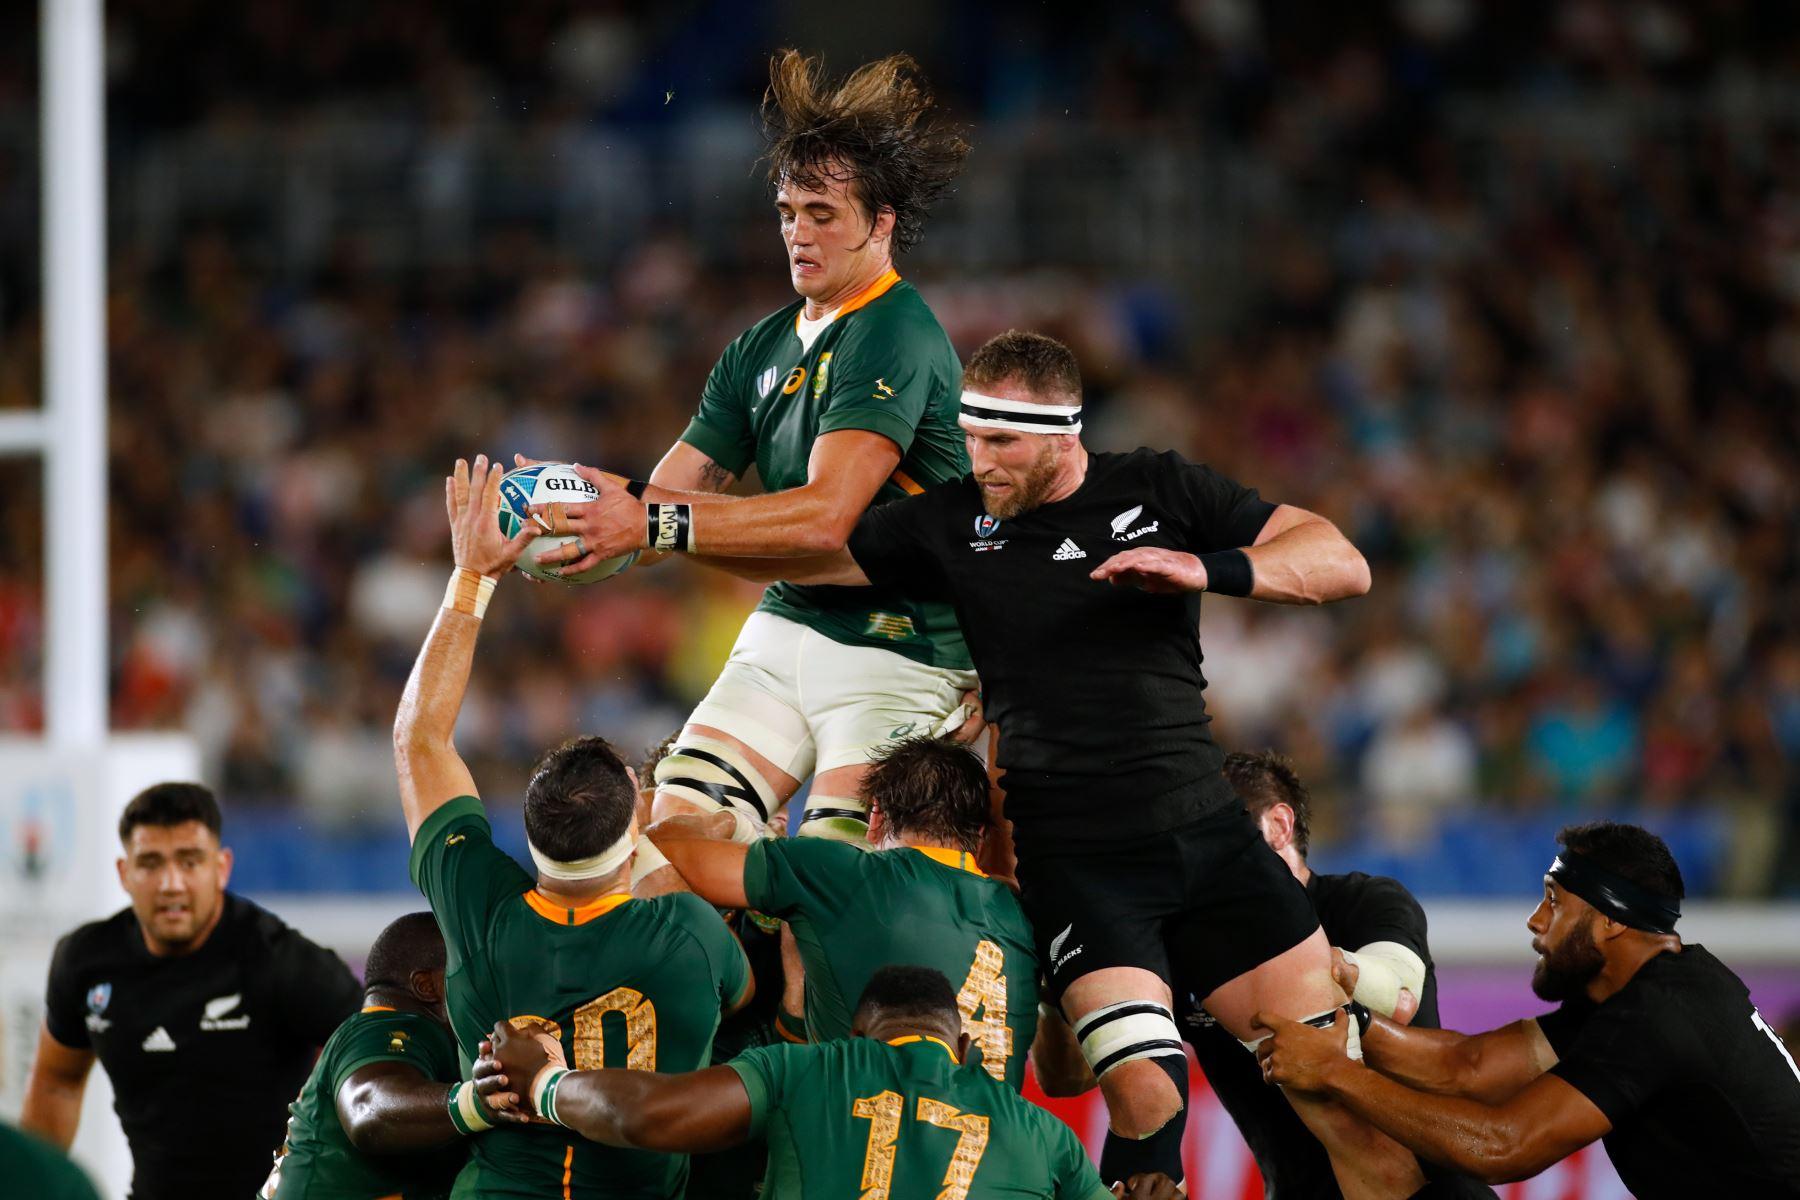 El candado de Sudáfrica Franco Mostert (L) atrapa el balón en un lineout junto al número 8 de Nueva Zelanda Kieran Read durante el partido del Grupo B de la Copa Mundial de Rugby de Japón 2019. Foto: AFP